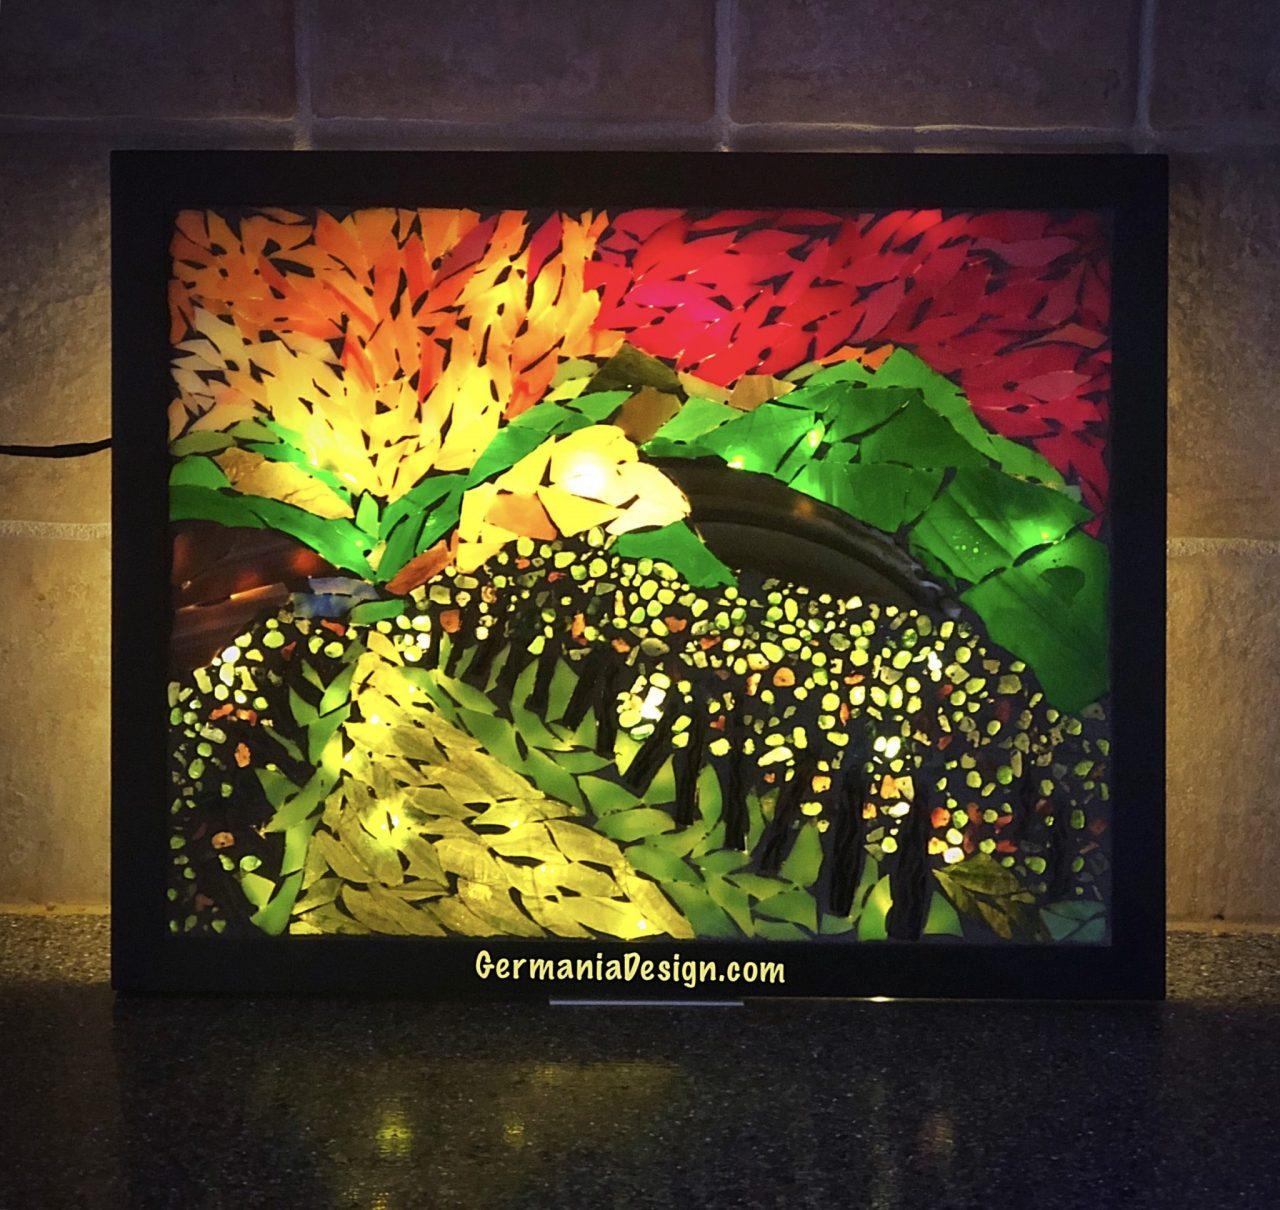 Angie's Glass Mosaic GermaniaDesign.com